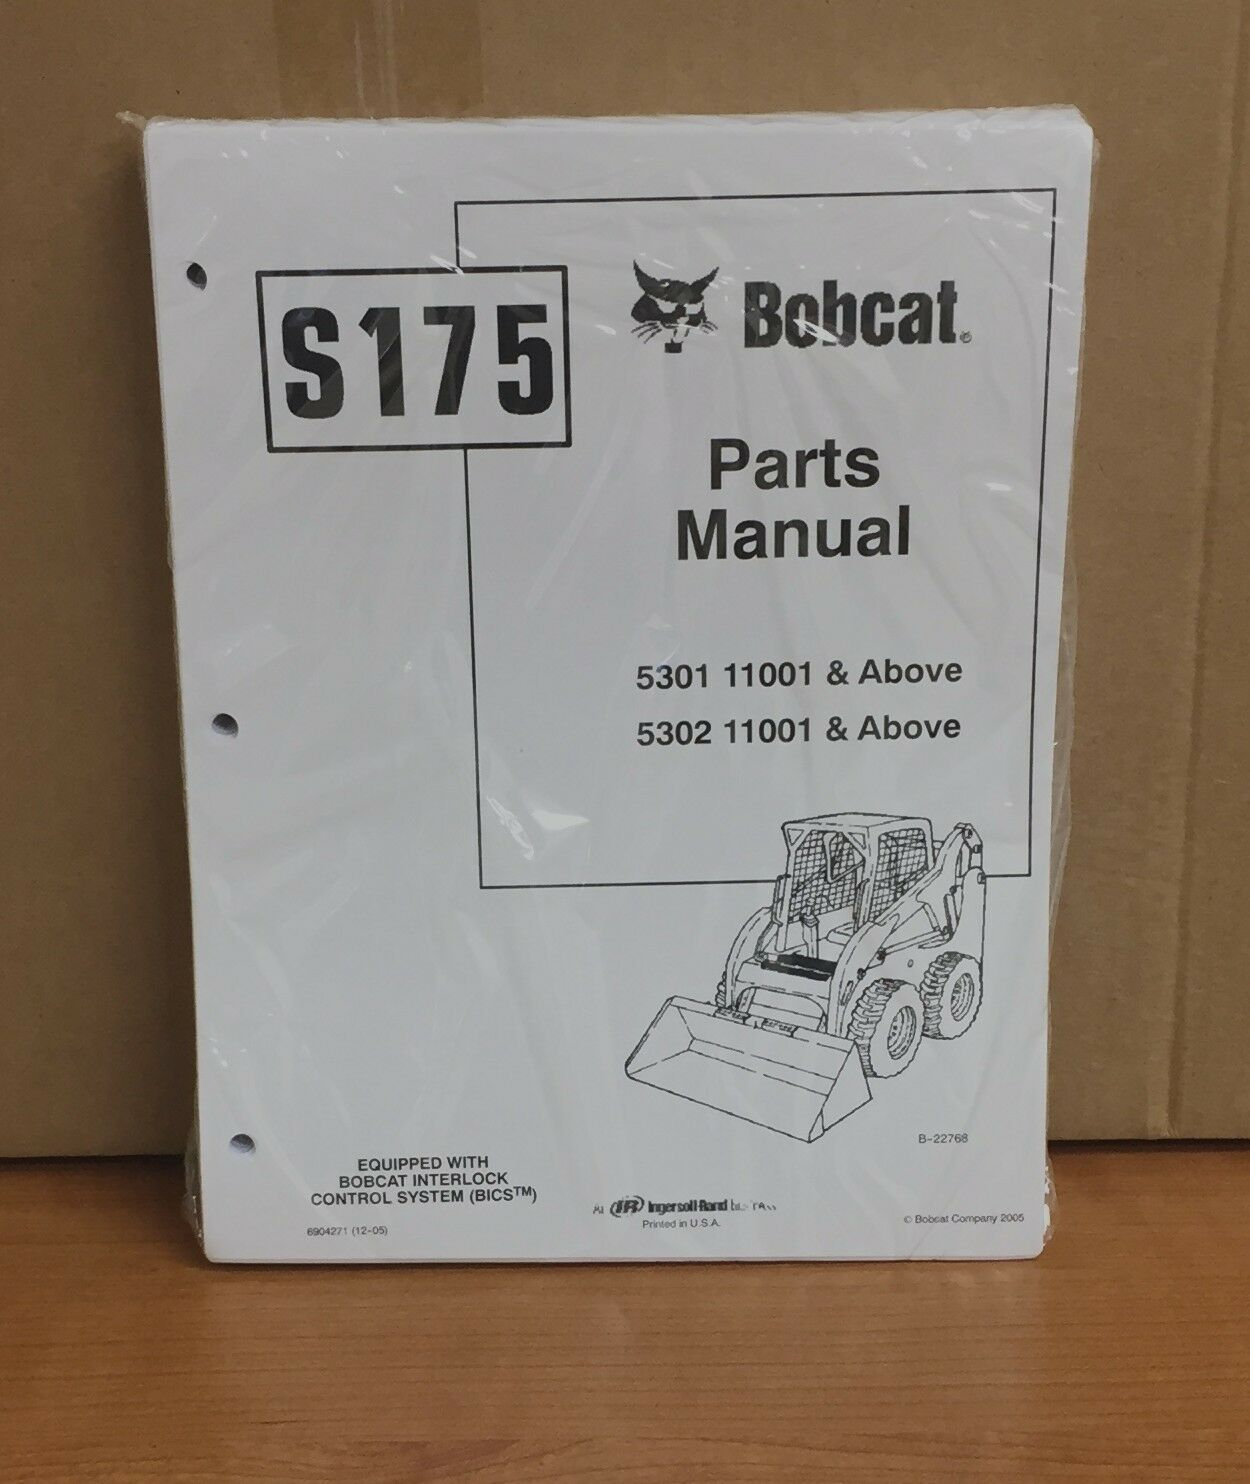 bobcat s175 illustrated parts list manual 6904271 ebay rh ebay com bobcat s175 parts list bobcat s175 parts list